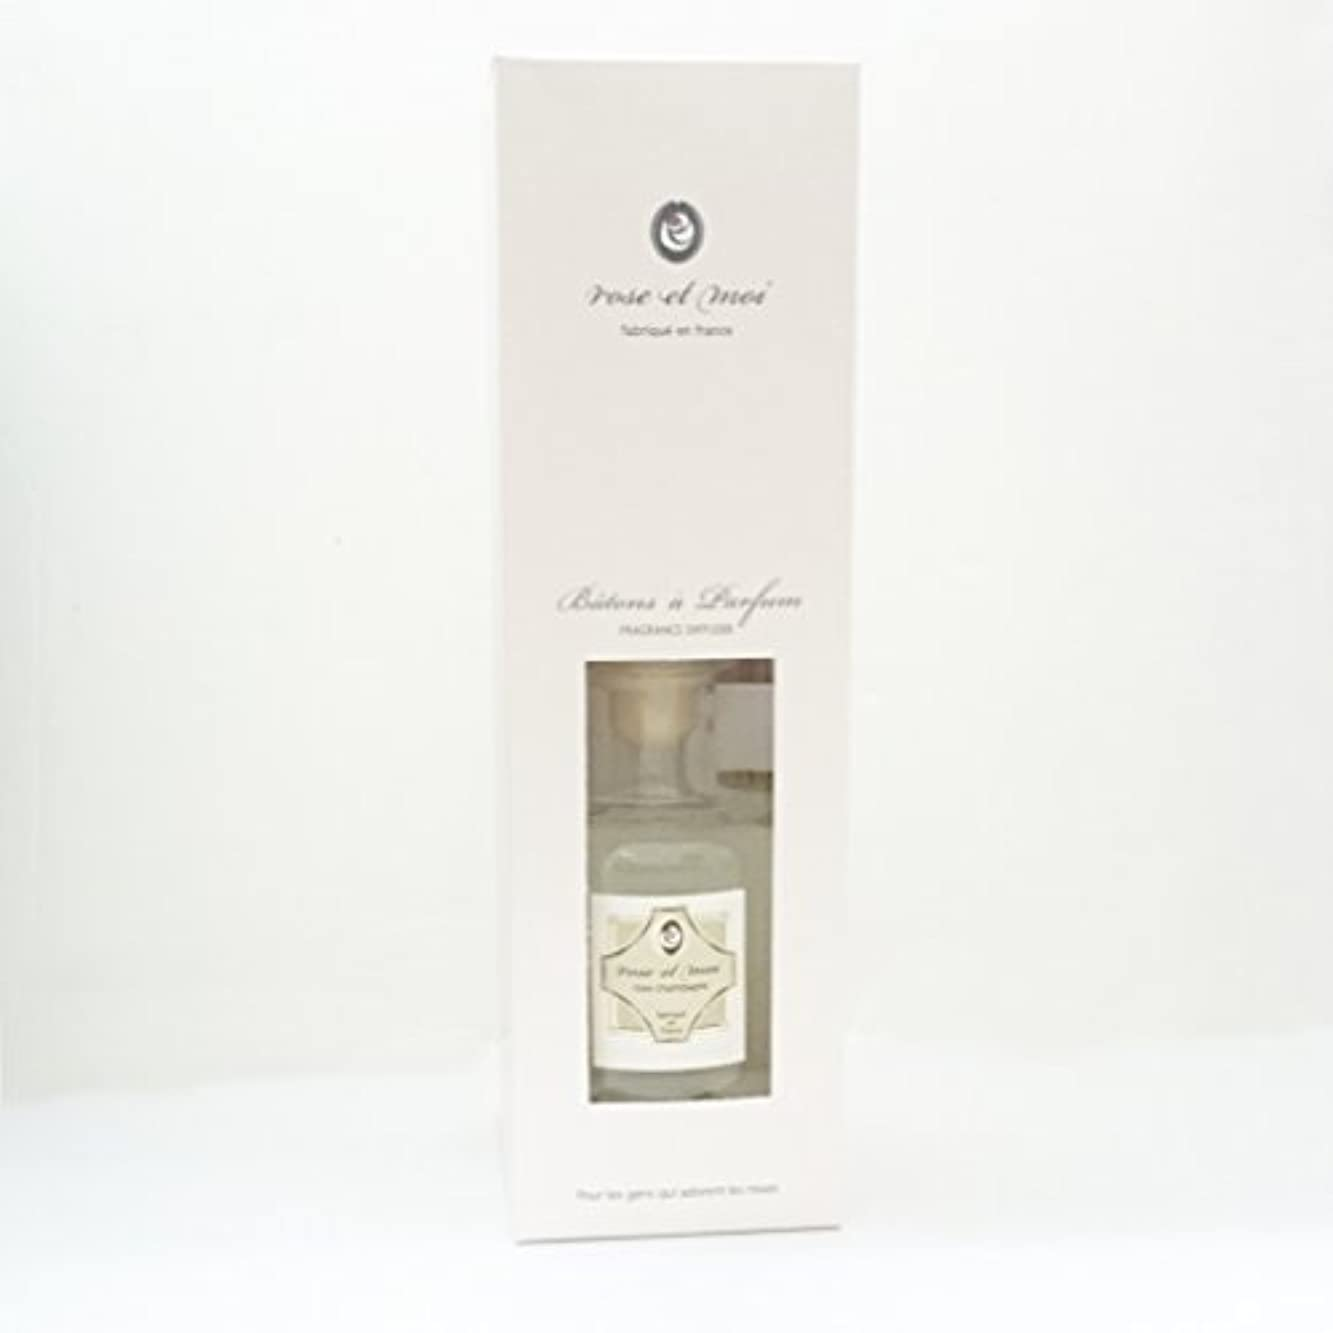 【ローズシャンパーニュ】Lothantique(ロタンティック)  rose et moi(ローズ エ モア)  フレグランスディフューザー 200ml (rose champagne(ローズ シャンパーニュ))4994228026996